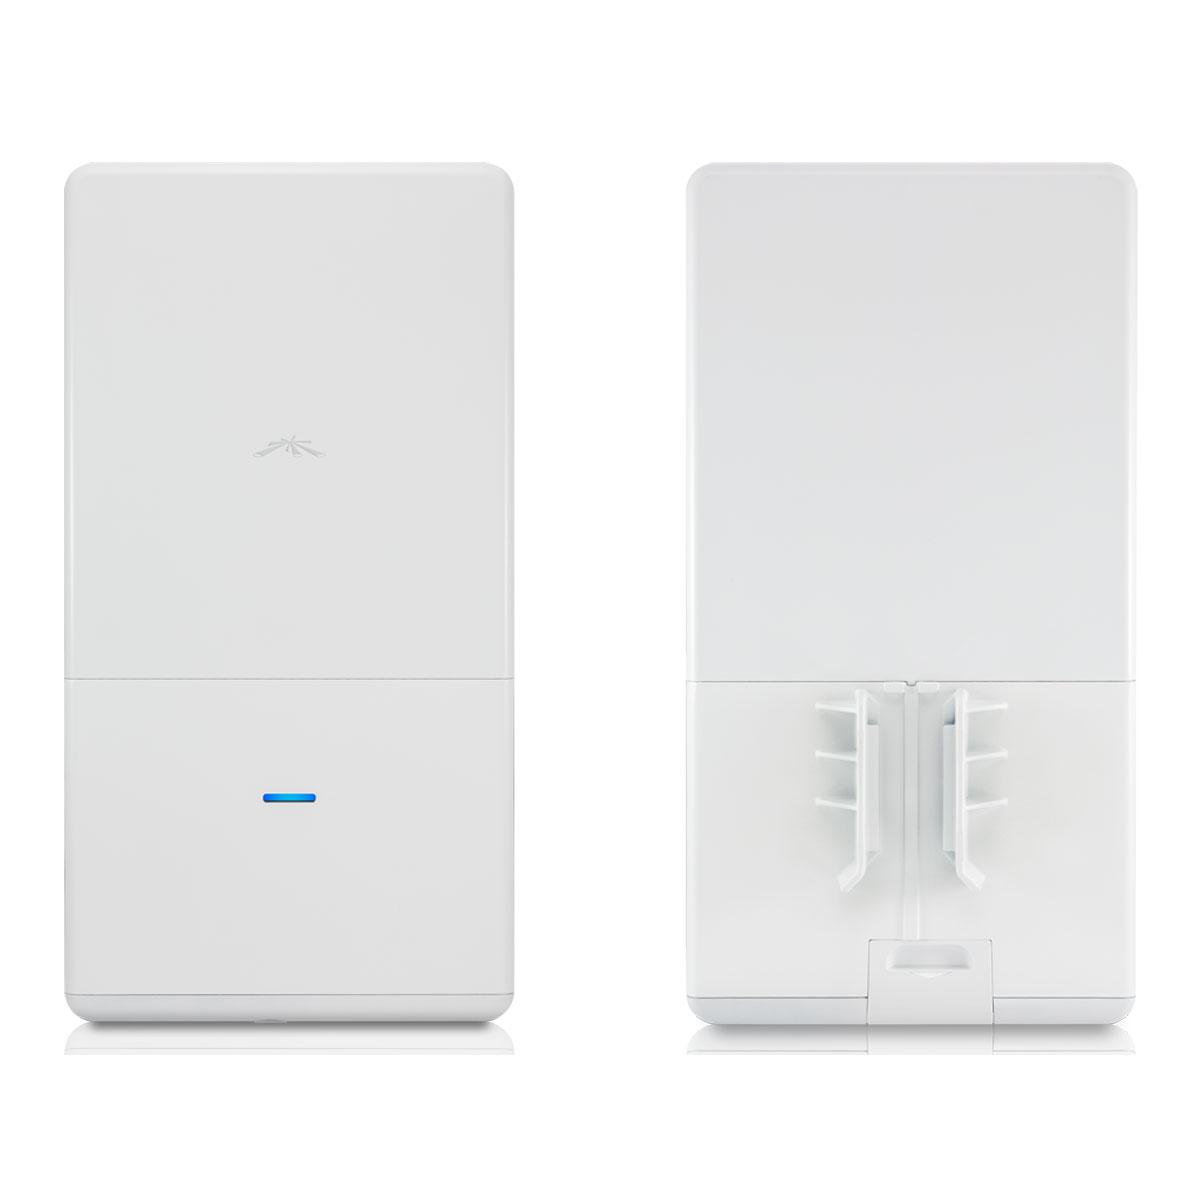 Ubiquiti unifi uap ac outdoor point d 39 acc s wifi for Point acces wifi exterieur